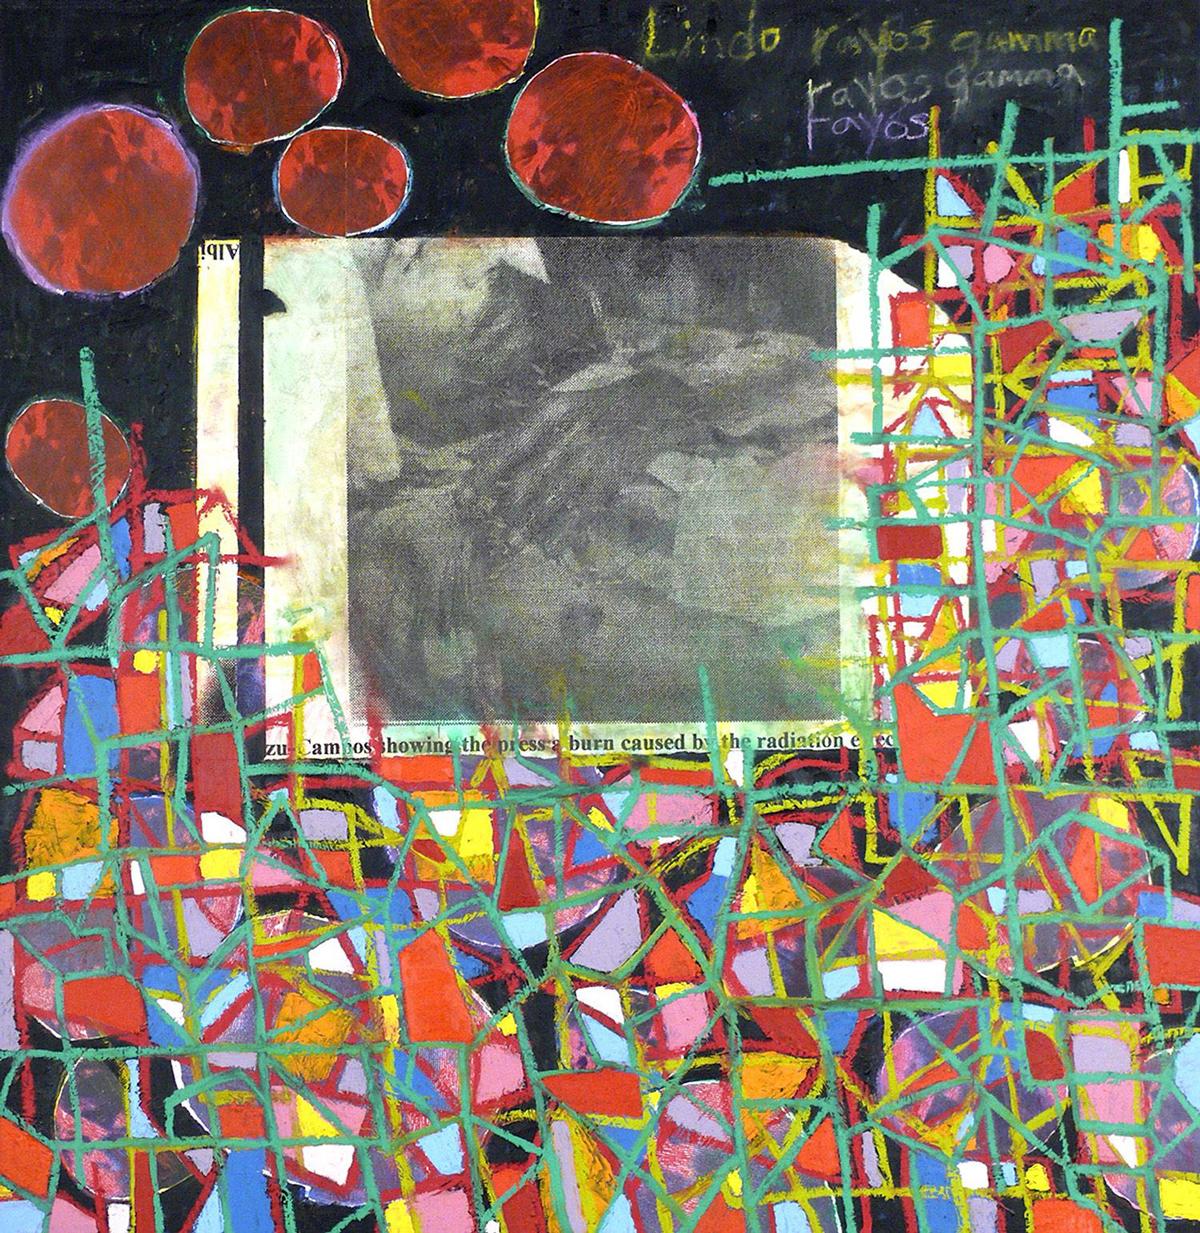 Juan Sánchez, Lindo colores (Rayos gamma), 2002.